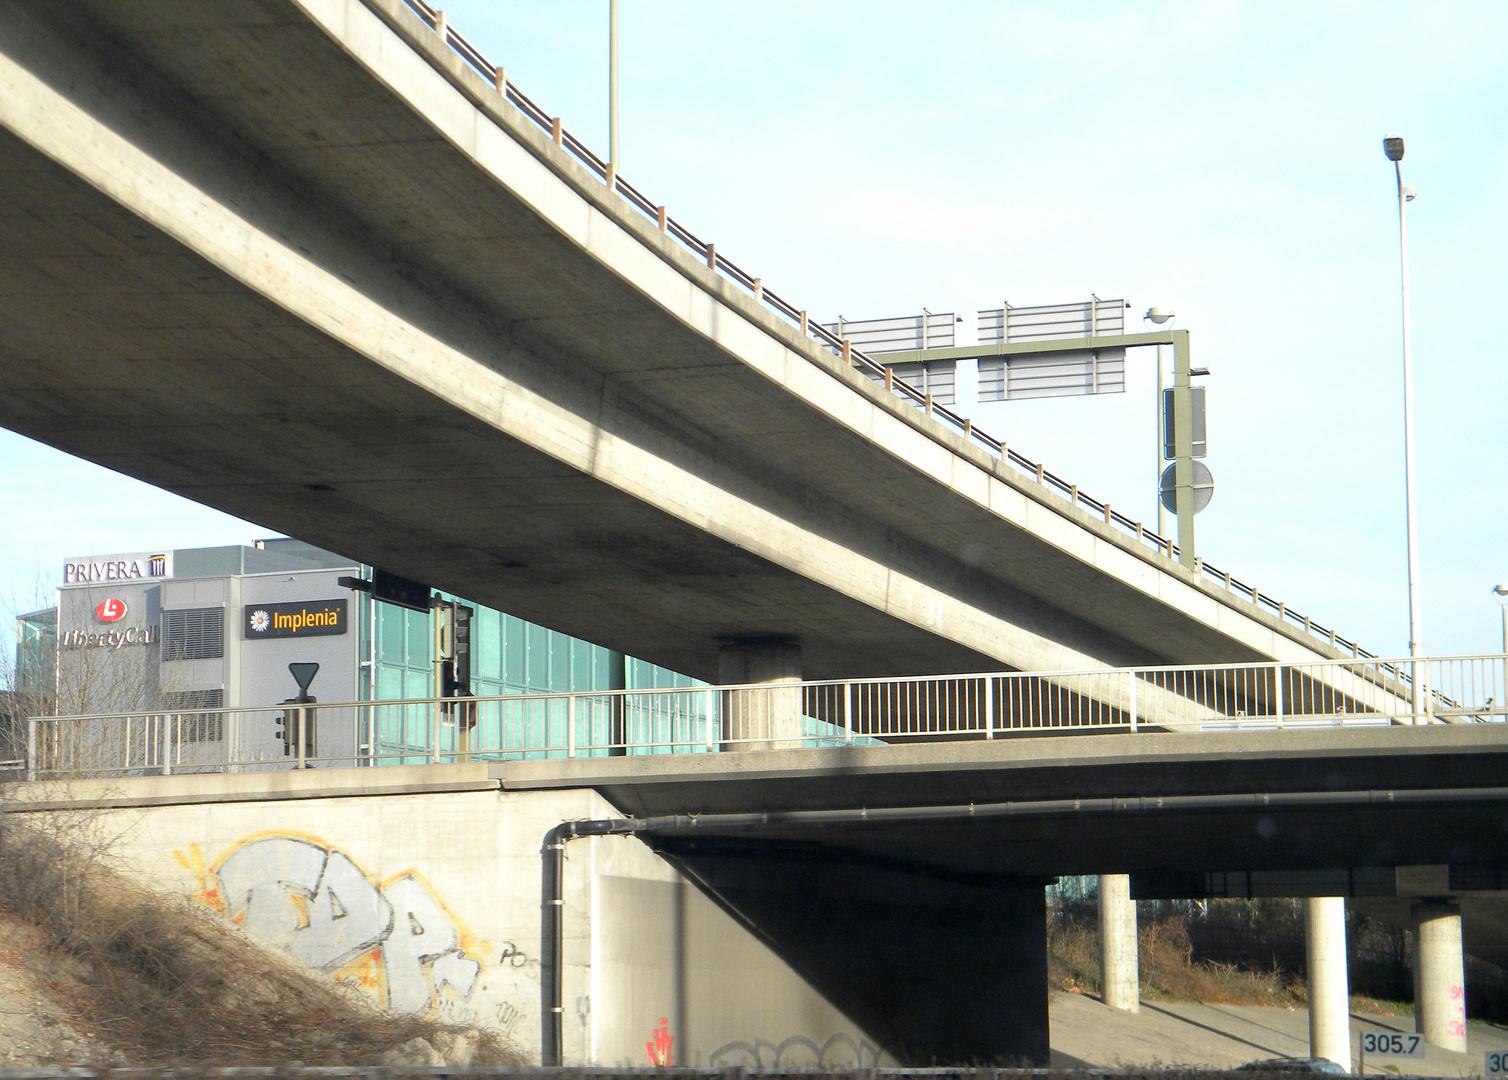 Von der Autobahn wärend der fahrt fotografiert